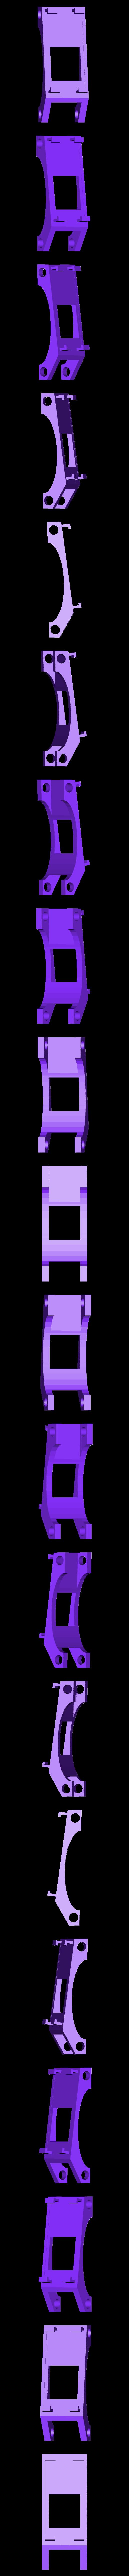 mousetrap_racer.stl Télécharger fichier STL gratuit Piège à souris Racer • Design pour imprimante 3D, FowlvidBastien